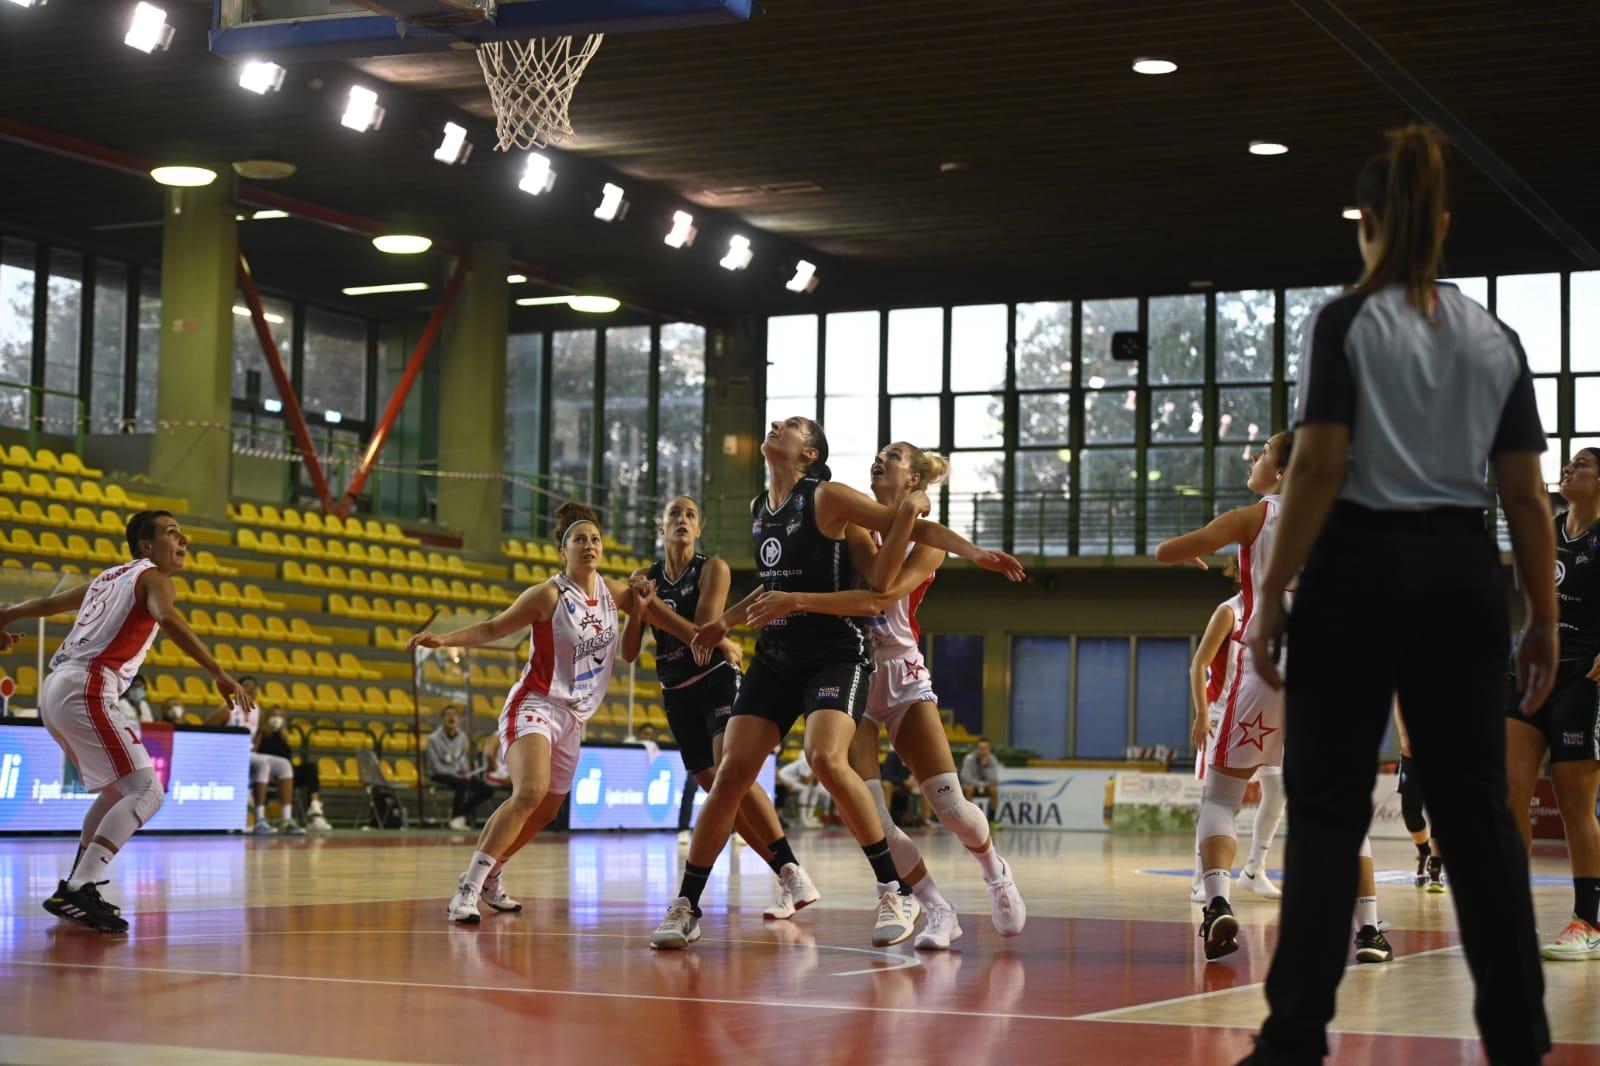 Pallacanestro donne, Ragusa vince a fatica  all'ultimo secondo a Lucca